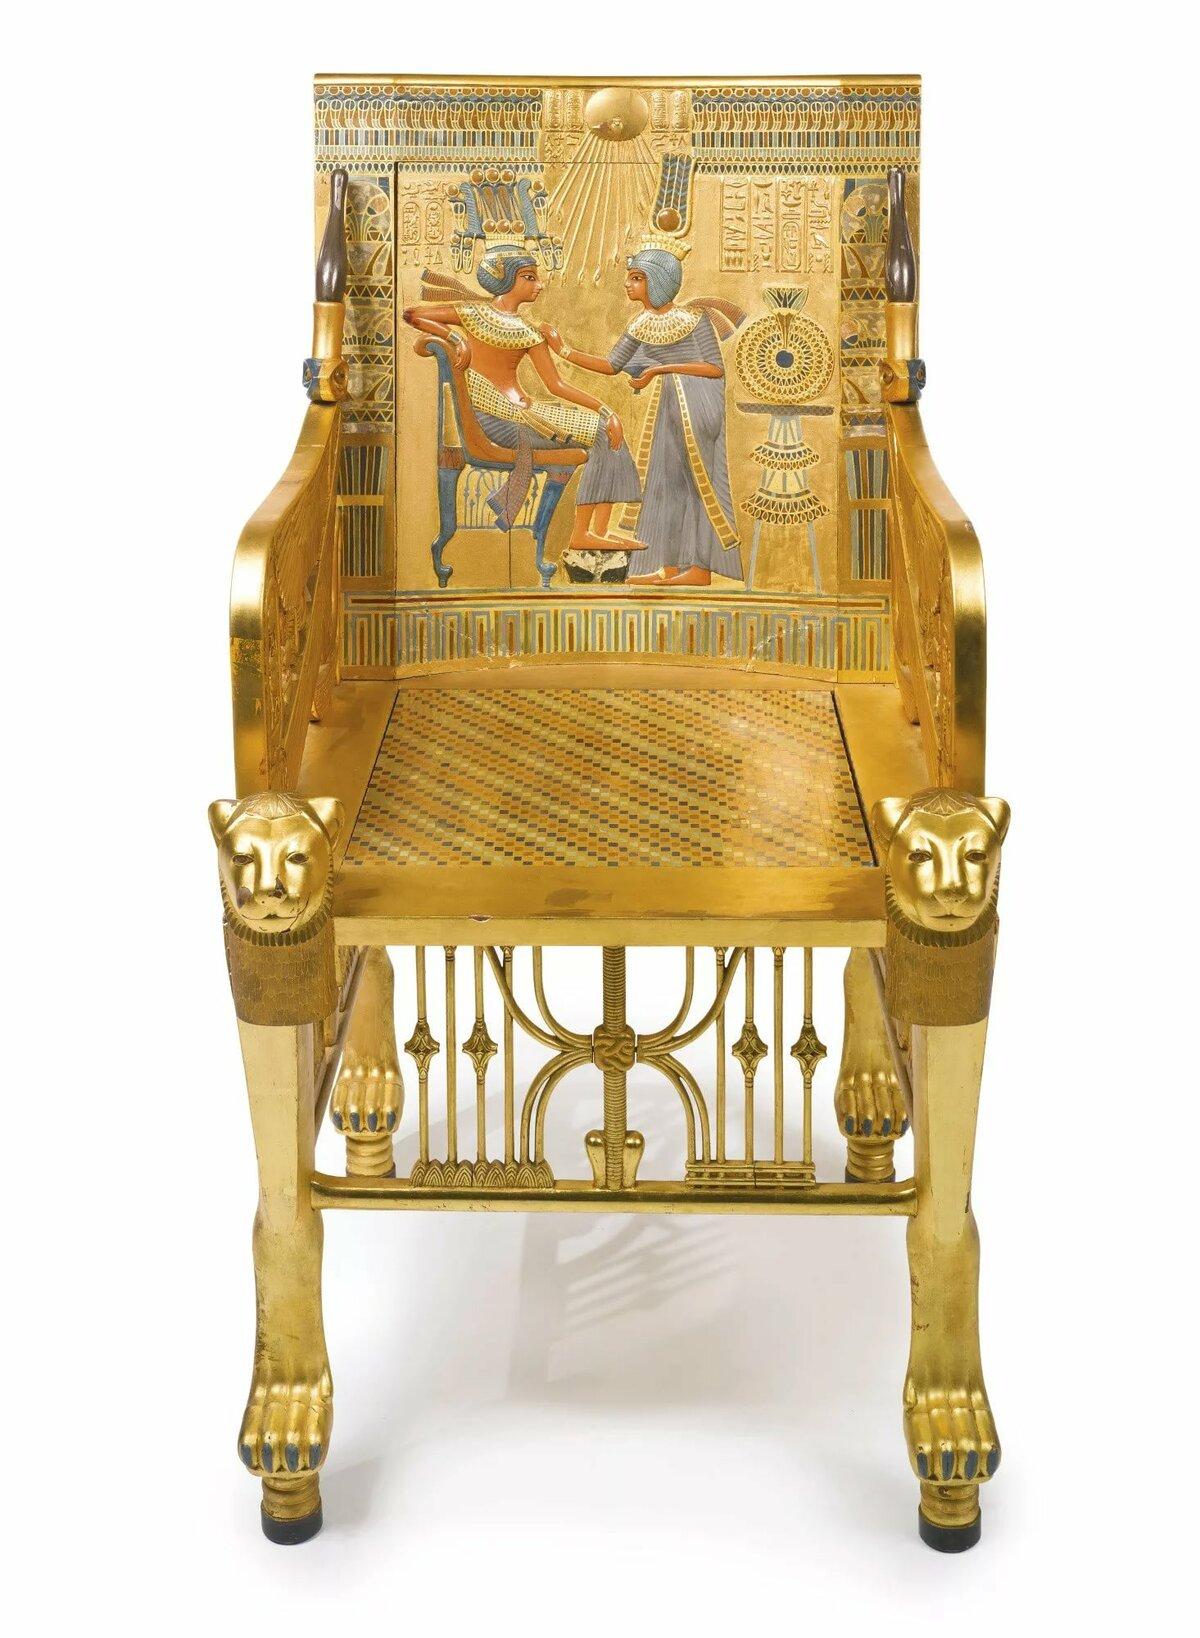 тысячи стихов мебель в древнем египте картинки плоскую